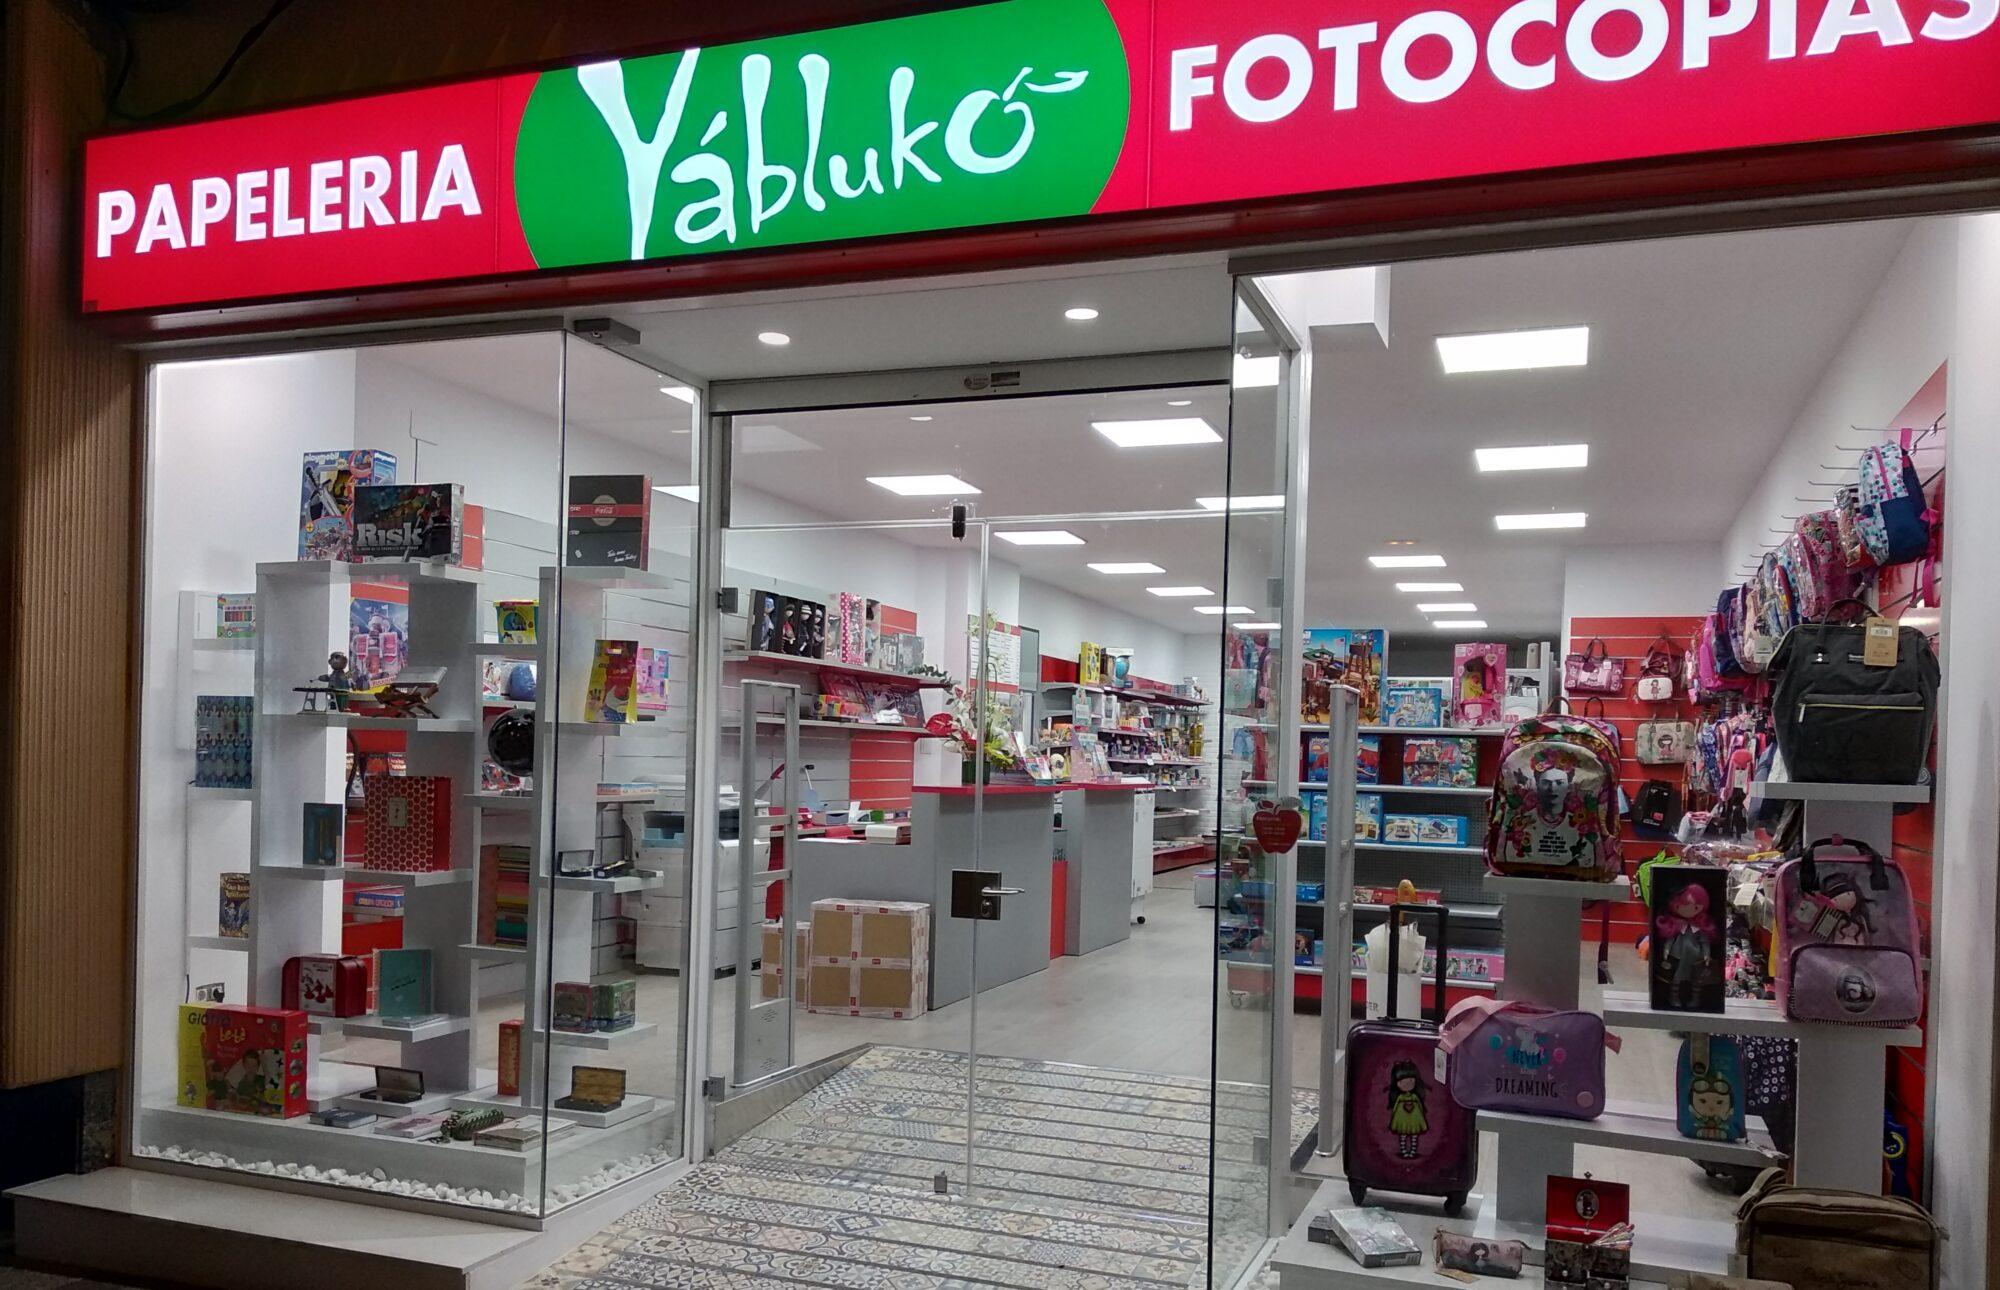 Papelerías Yábluko